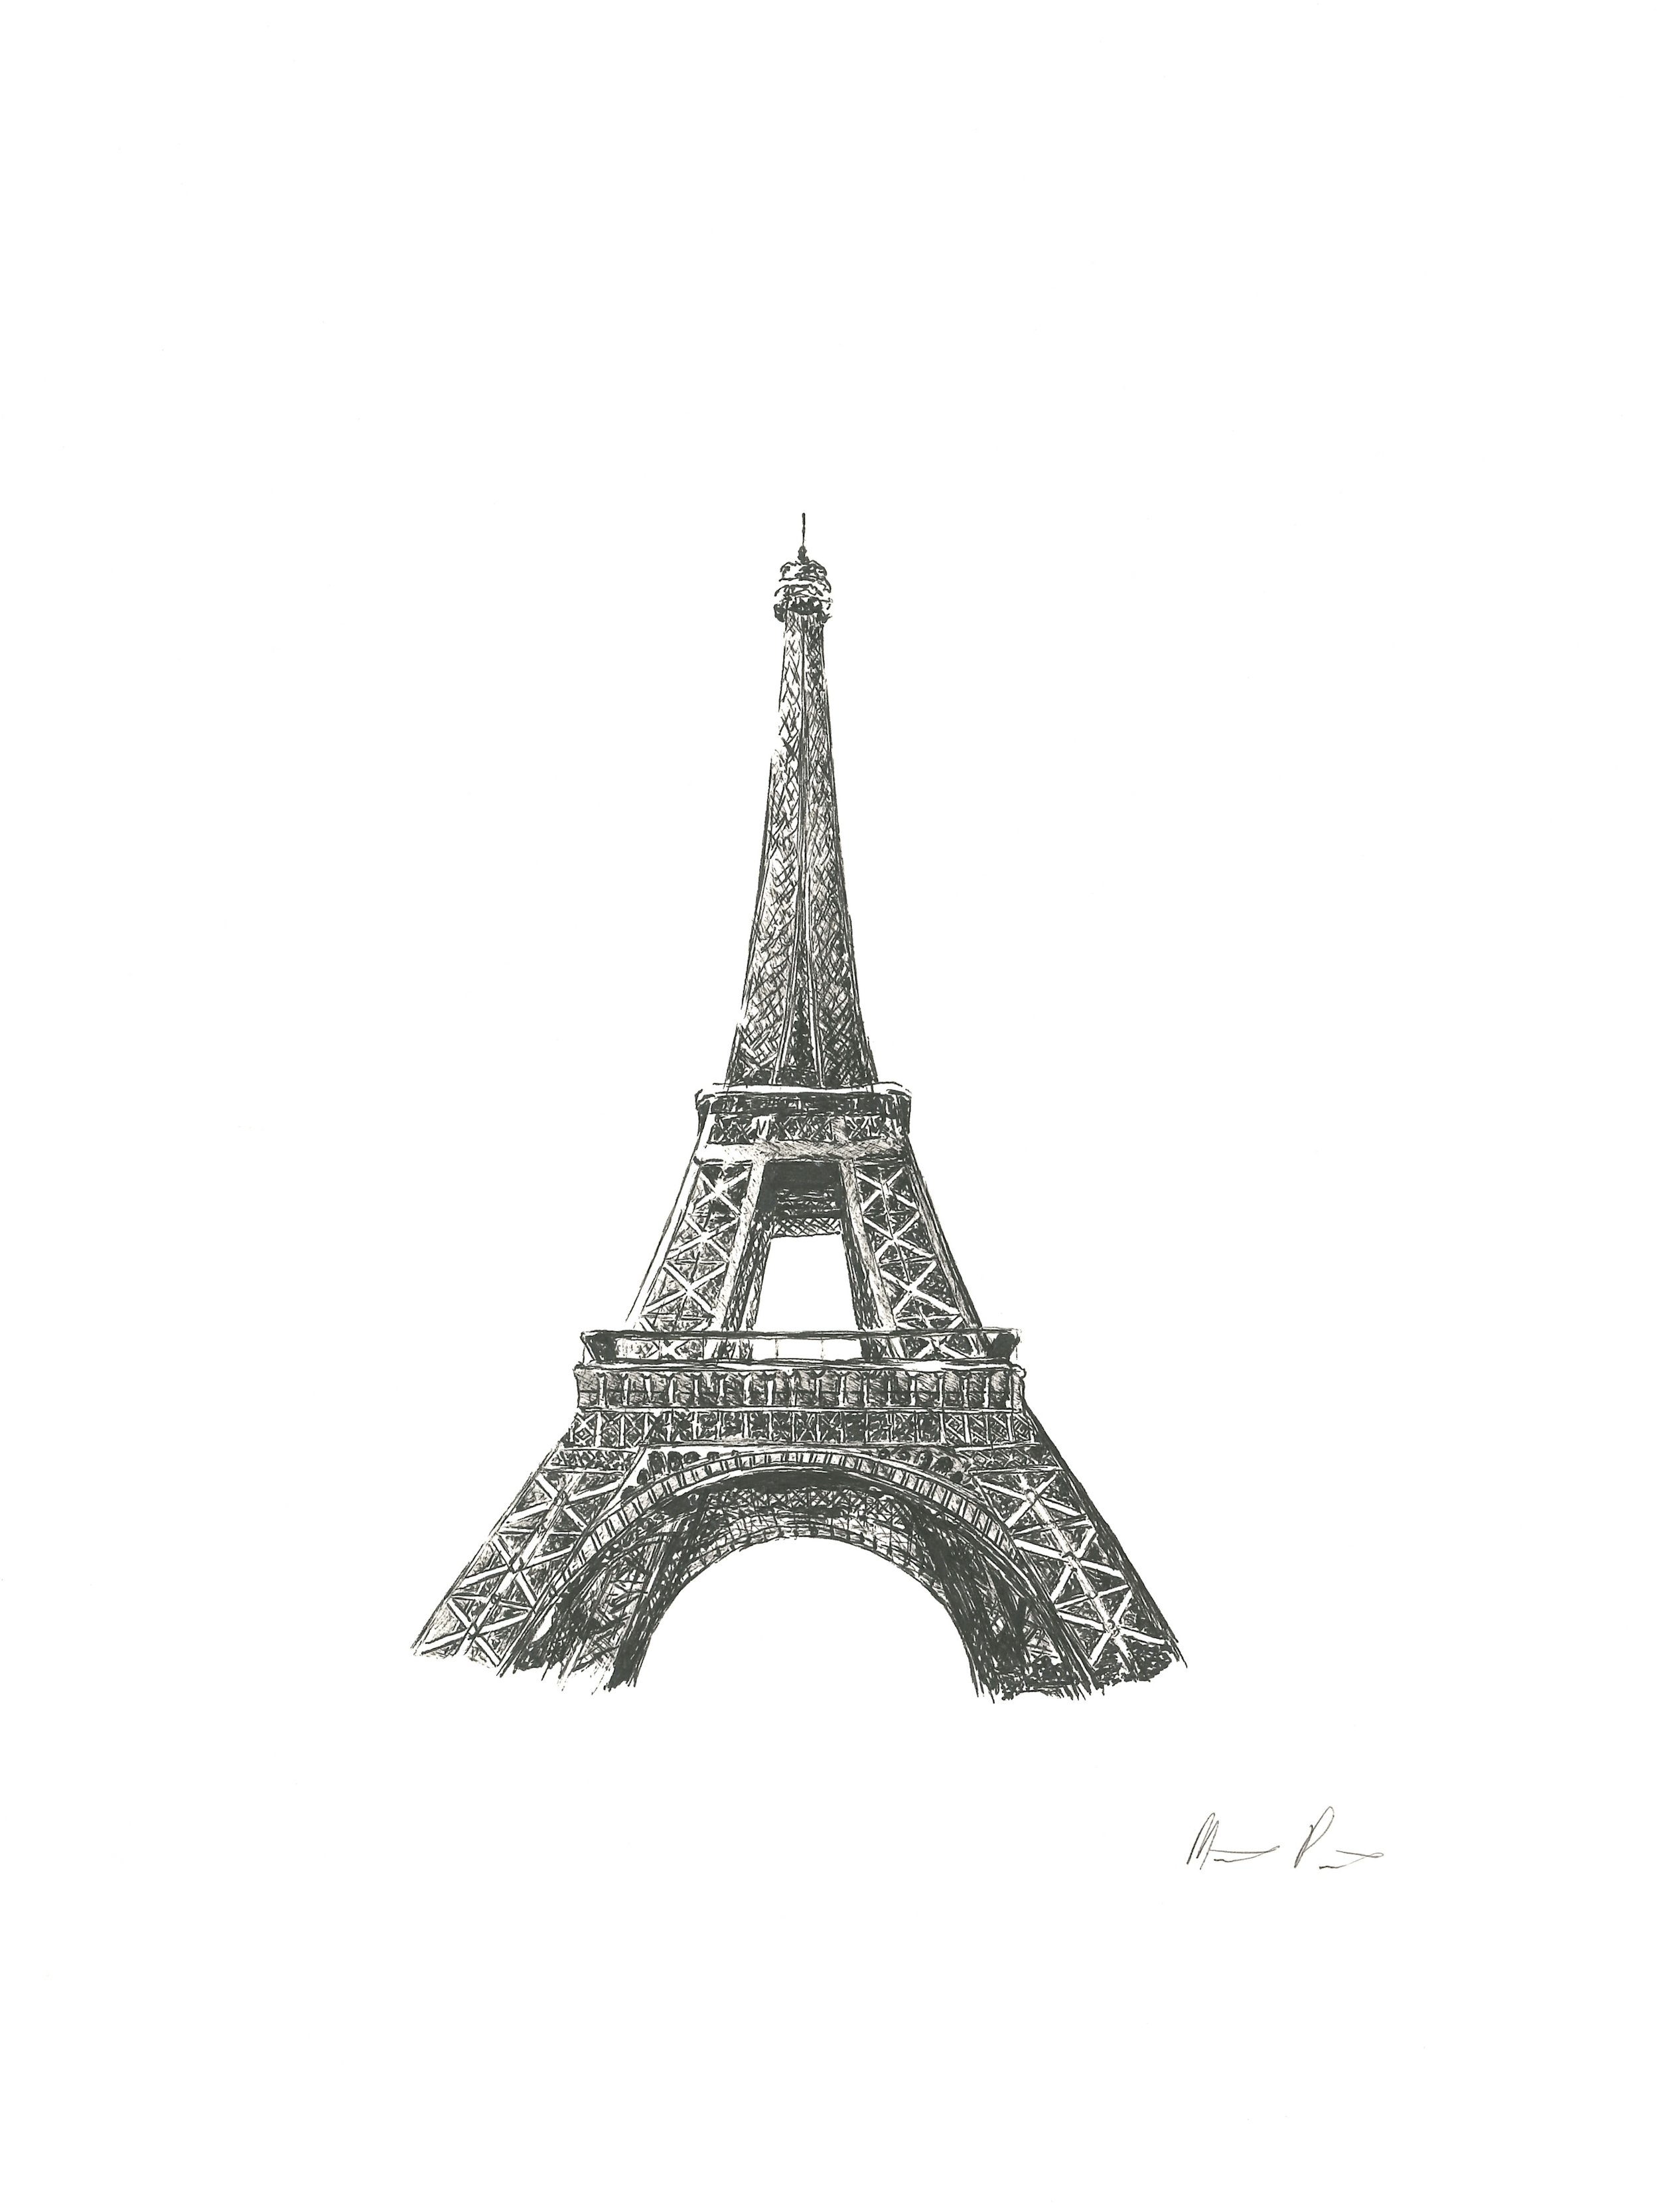 Eiffel Tower - 9'' x 12''$150